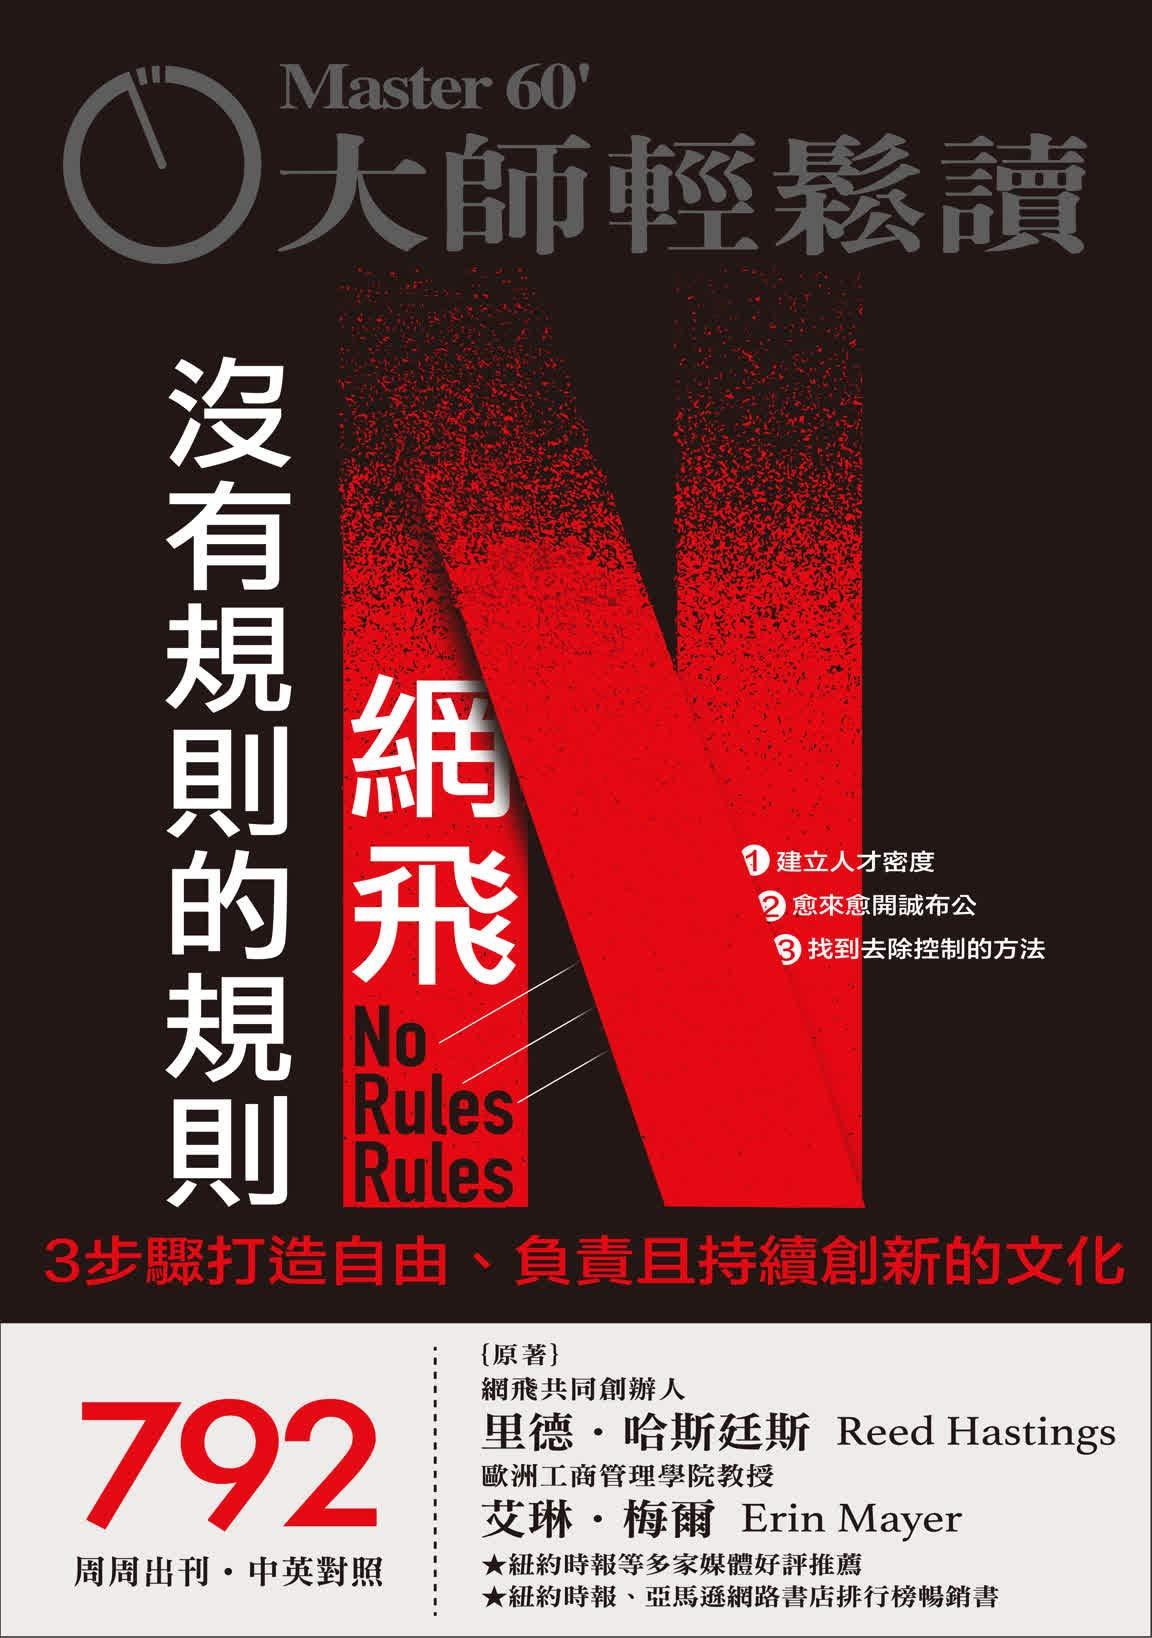 網飛沒有規則的規則: 3步驟打造自由、負責且持續創新的文化 (大師輕鬆讀 Book 792) (Traditional Chinese Edition)